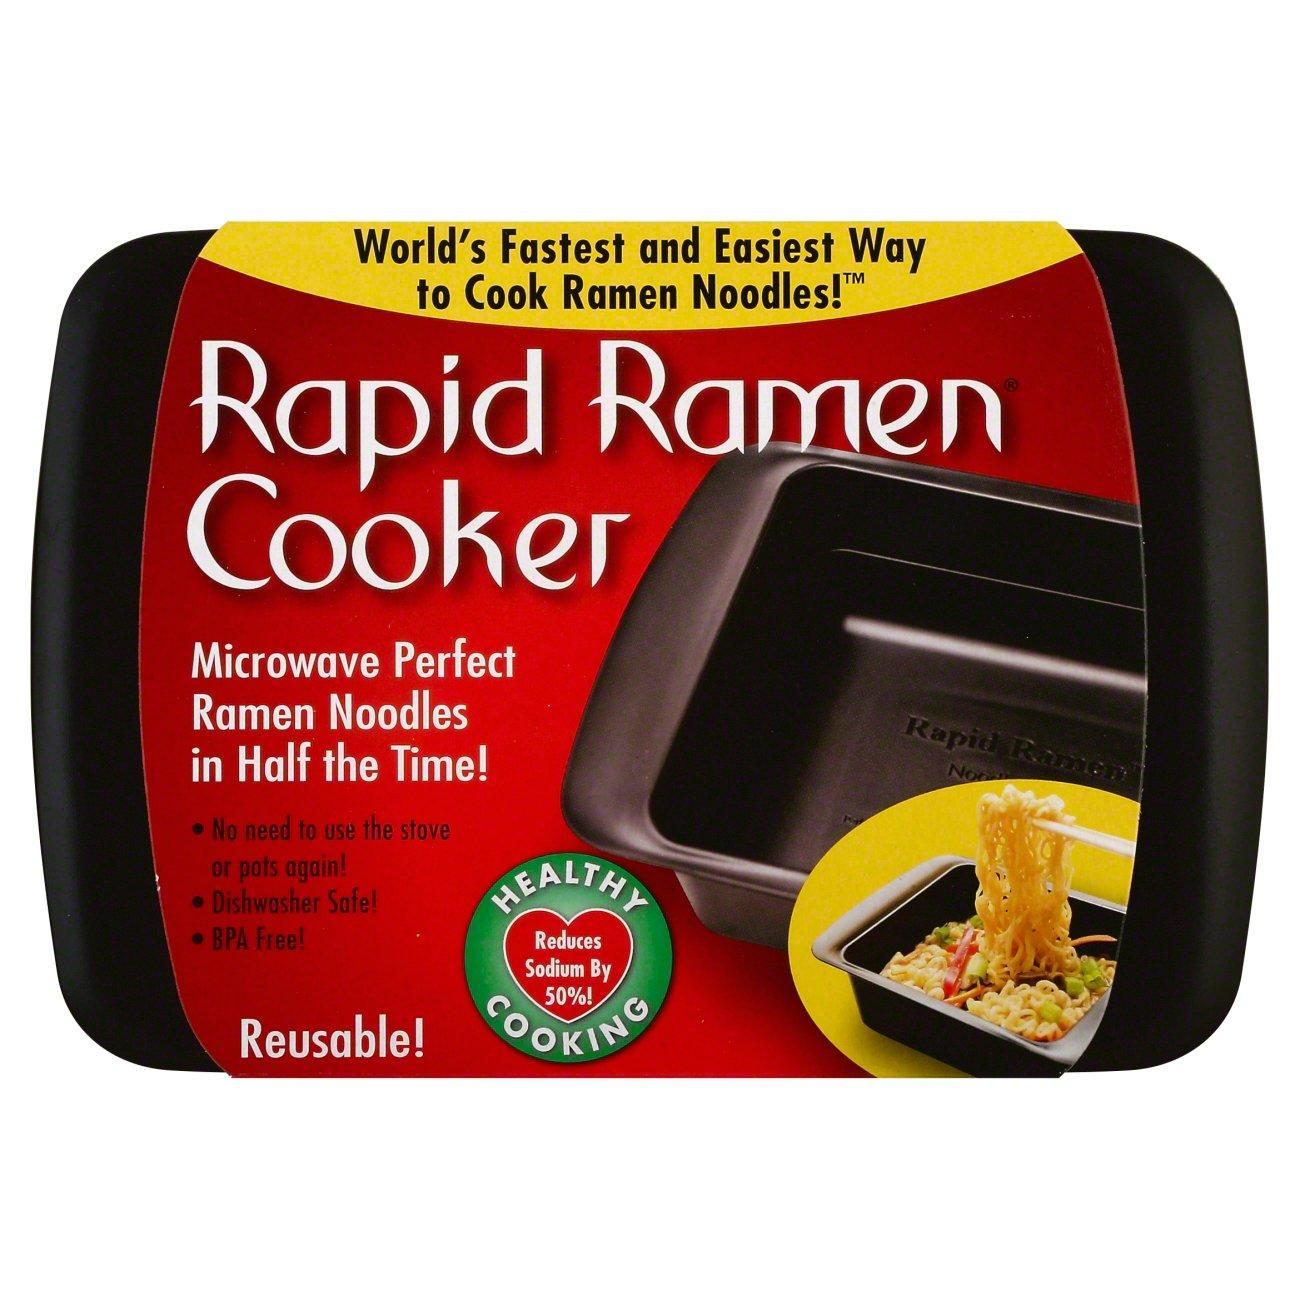 Best As Seen On TV Rapid Ramen Cooker ‑ Shop As Seen On TV Rapid Ramen